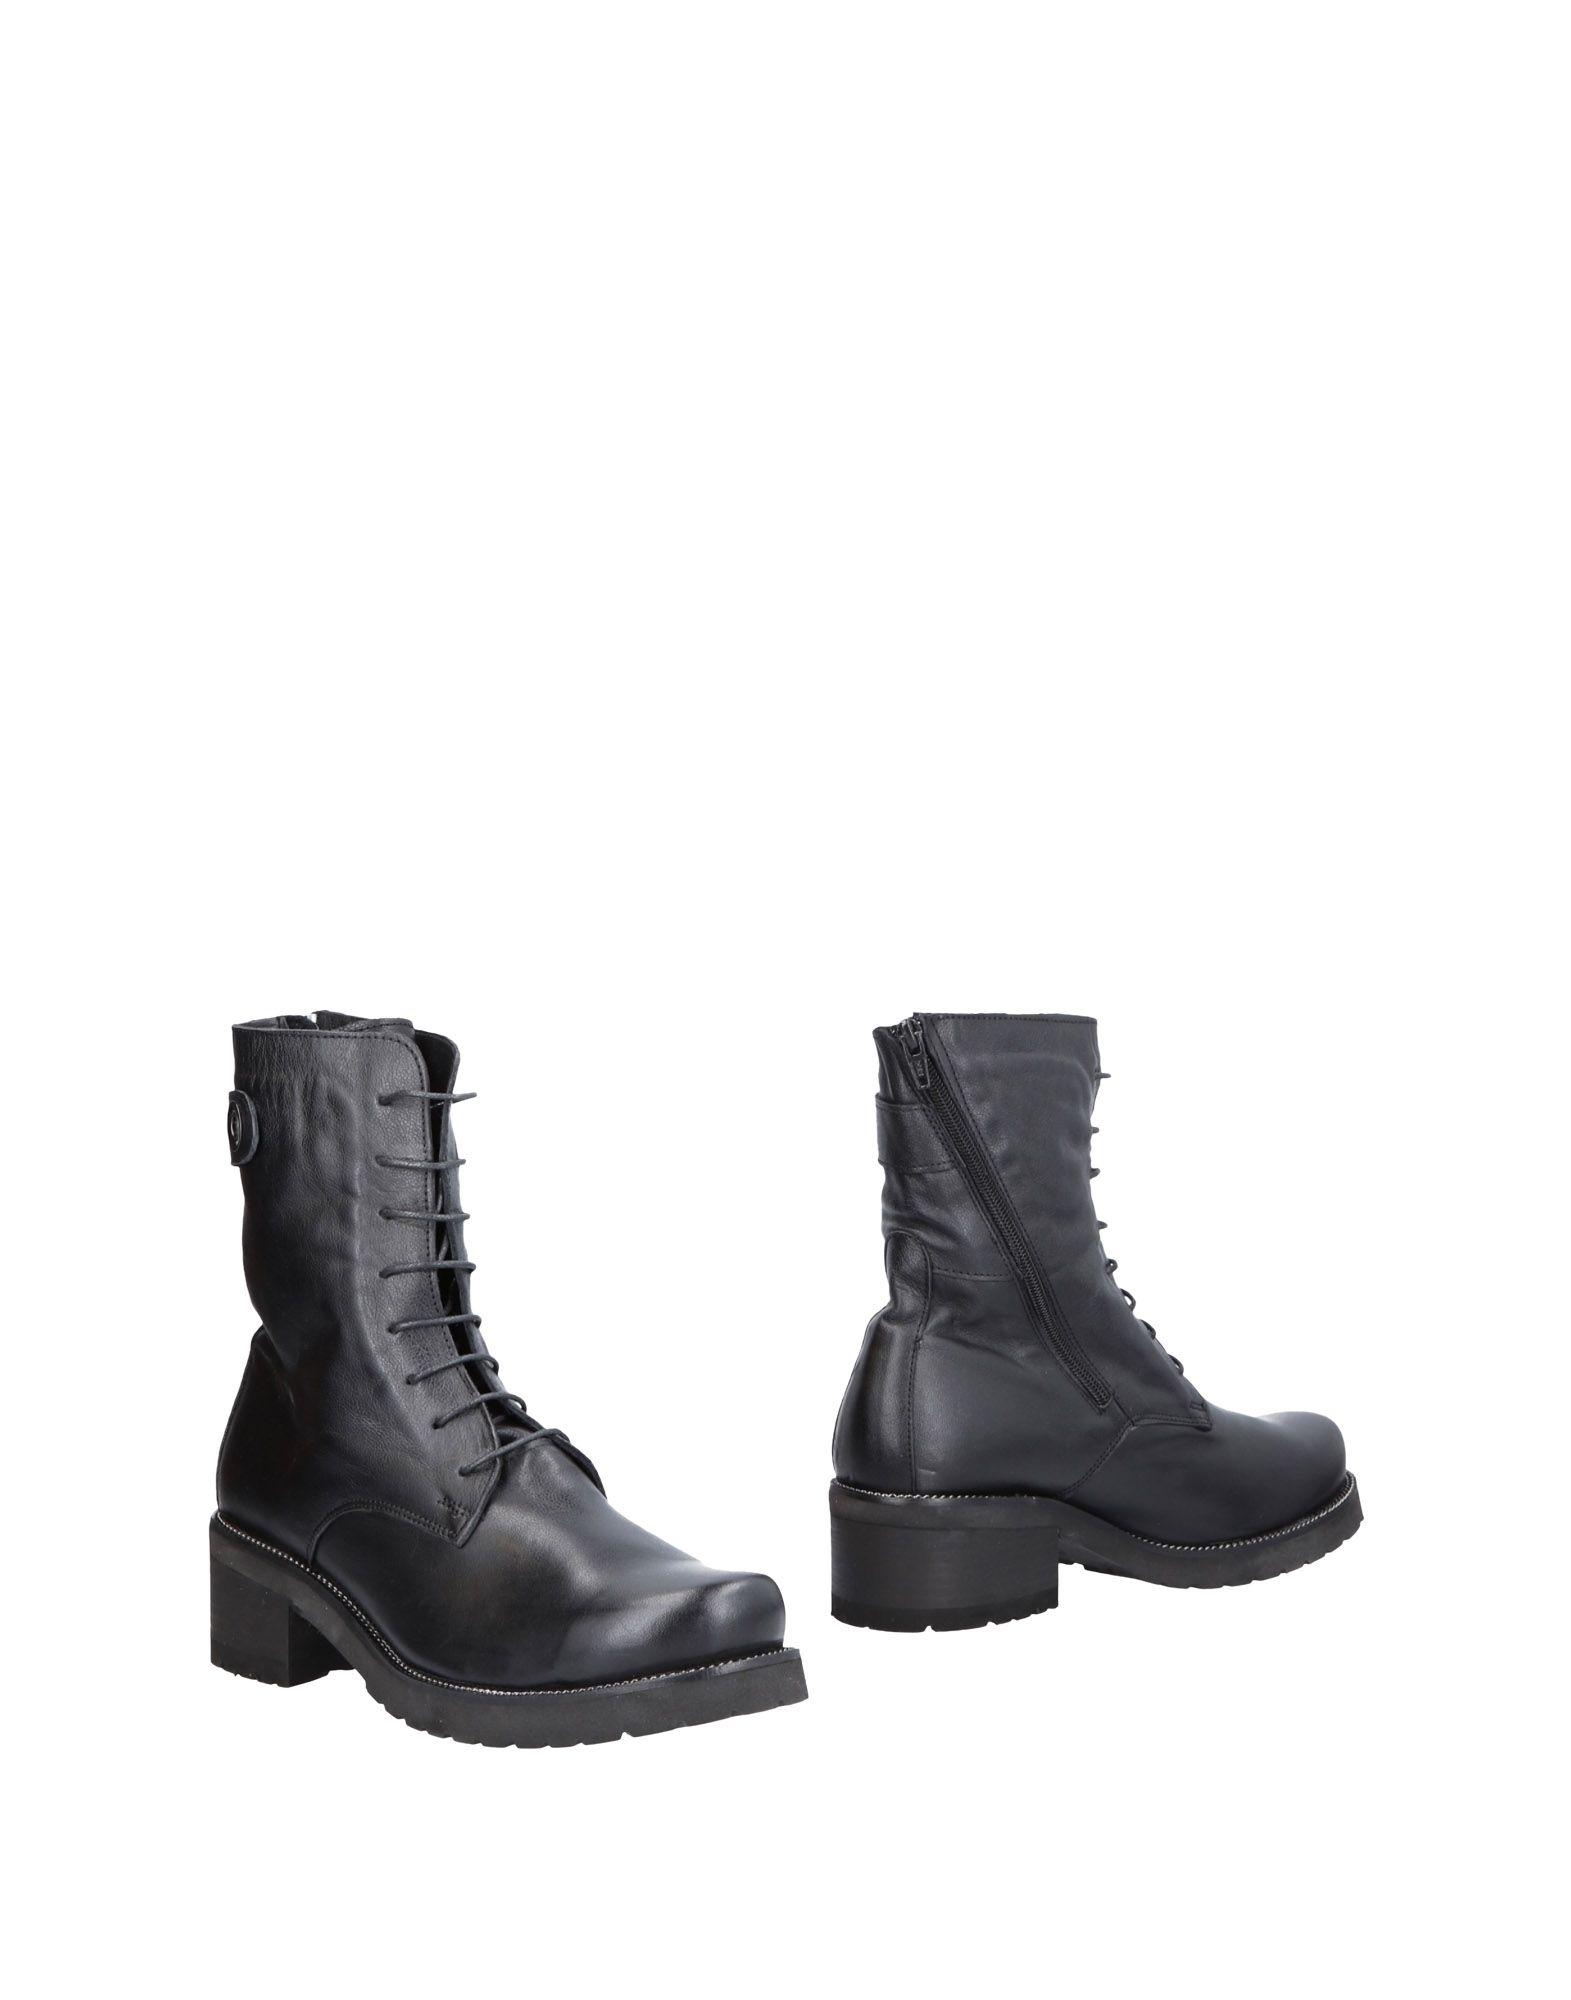 Bueno Stiefelette Damen  11456331XS Gute Qualität beliebte Schuhe